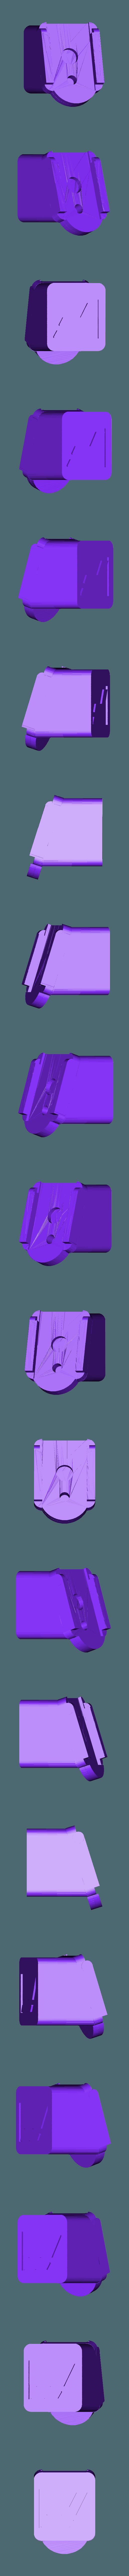 magazinbodenplatte.stl Télécharger fichier STL gratuit Extension du magazine VFC H&K VP9 • Plan pour imprimante 3D, j4nm4nn